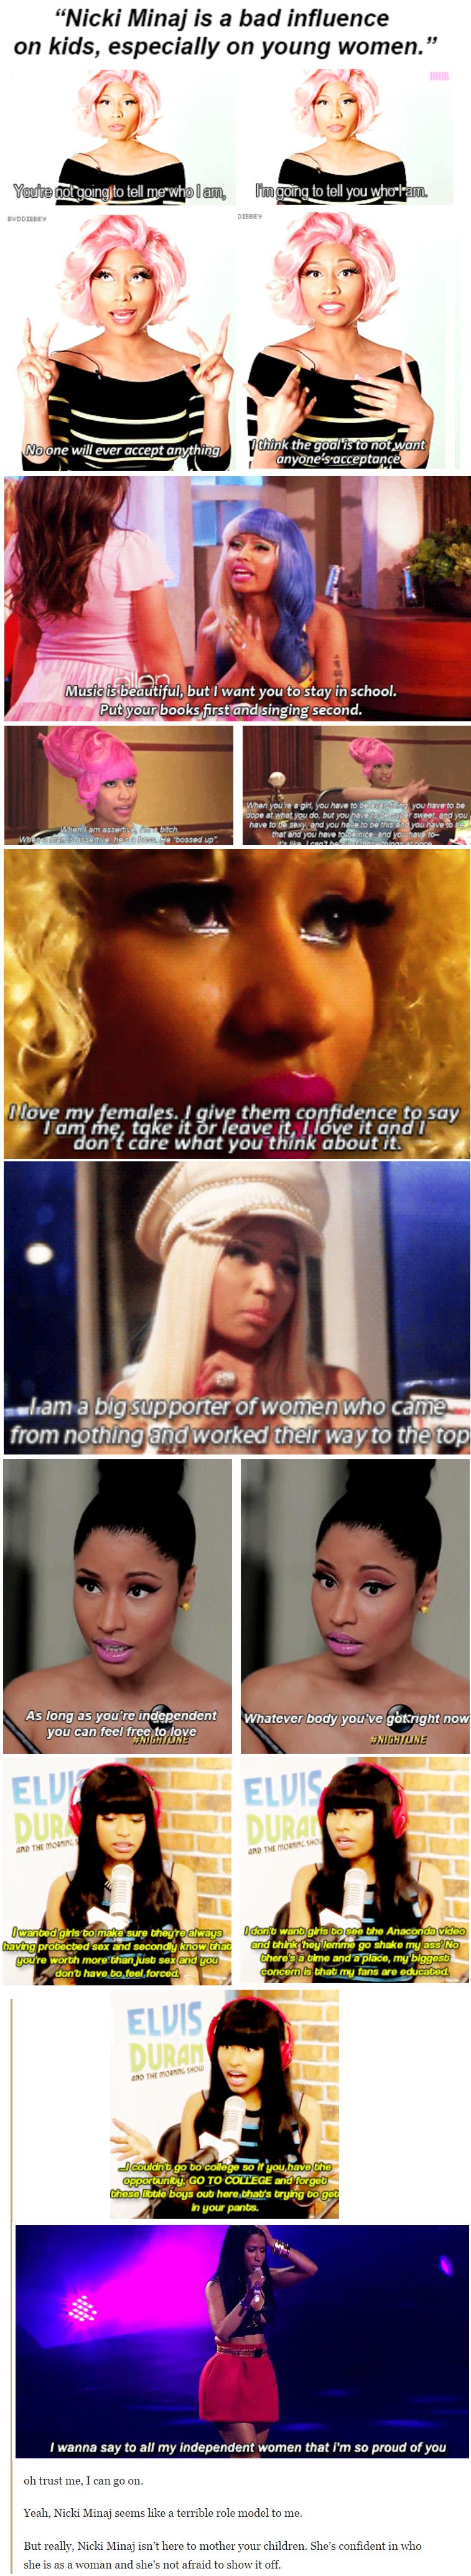 Nicki minaj lick it off lyrics, like to see homos naked